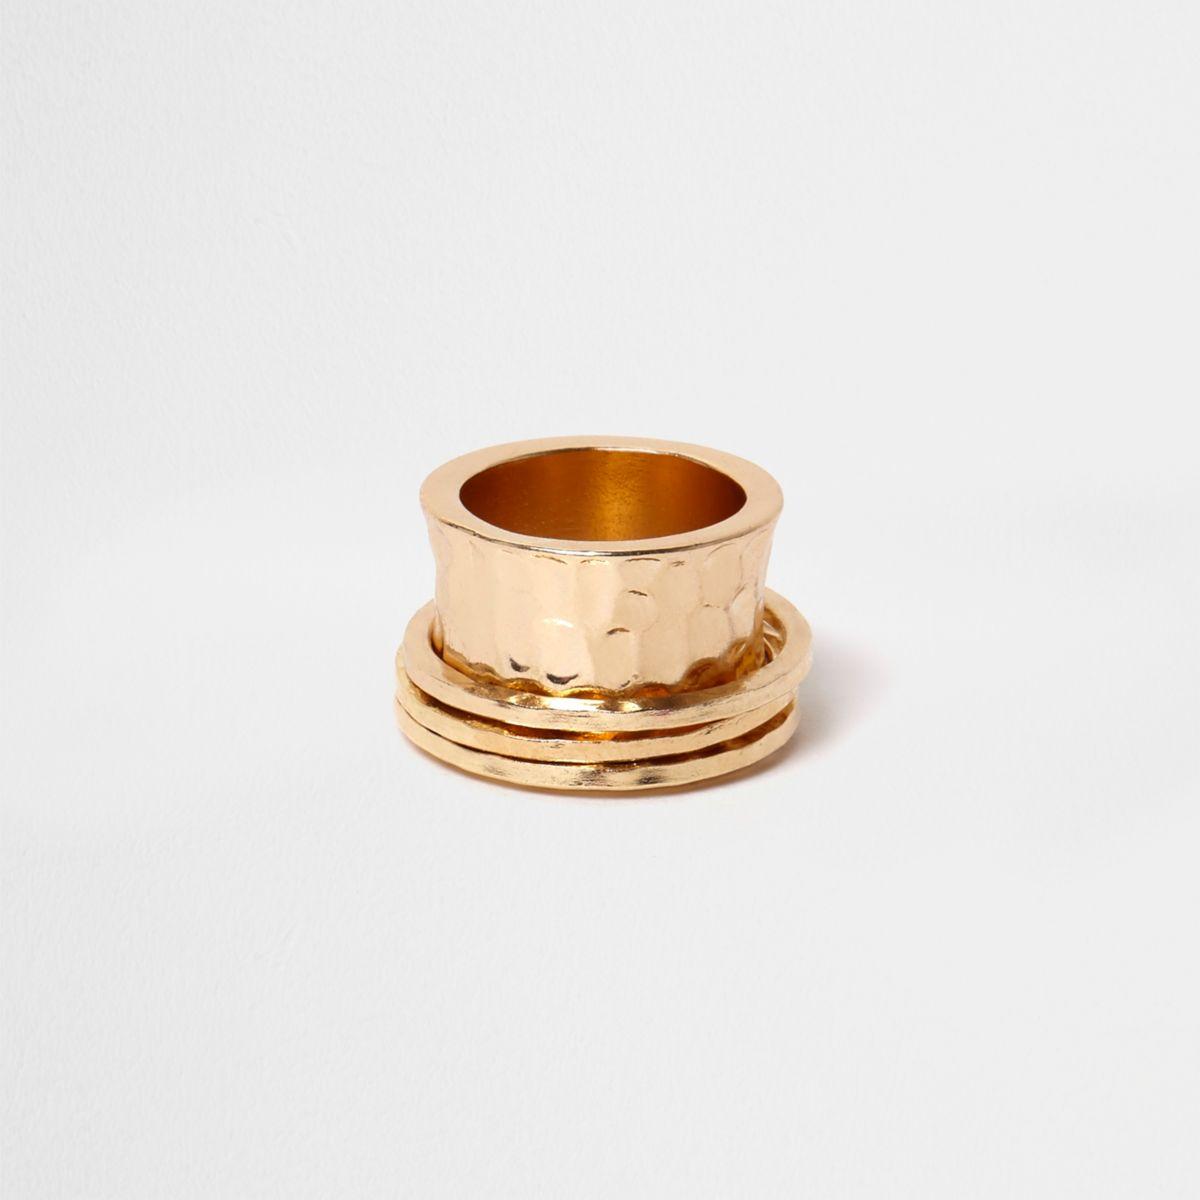 Goldener, gehämmerter Ring